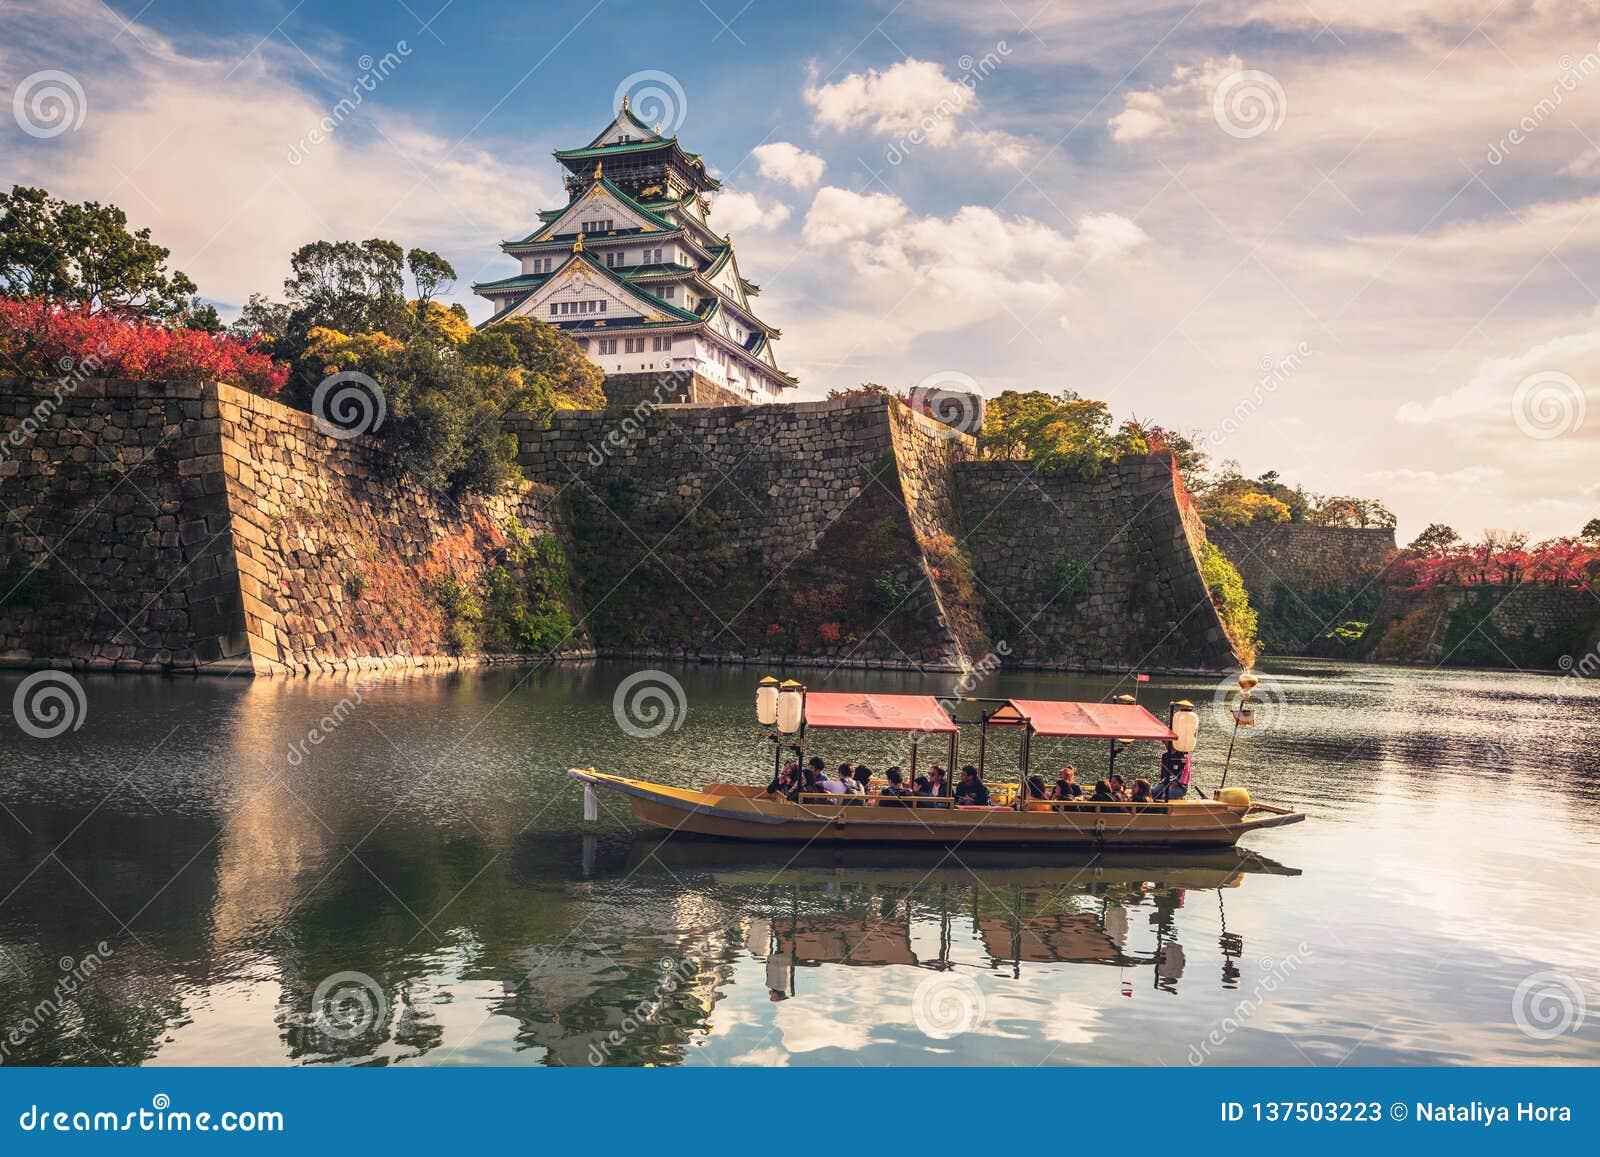 Τουριστικές βάρκες με τους τουρίστες κατά μήκος της τάφρου της Οζάκα Castle, Οζάκα, Ιαπωνία